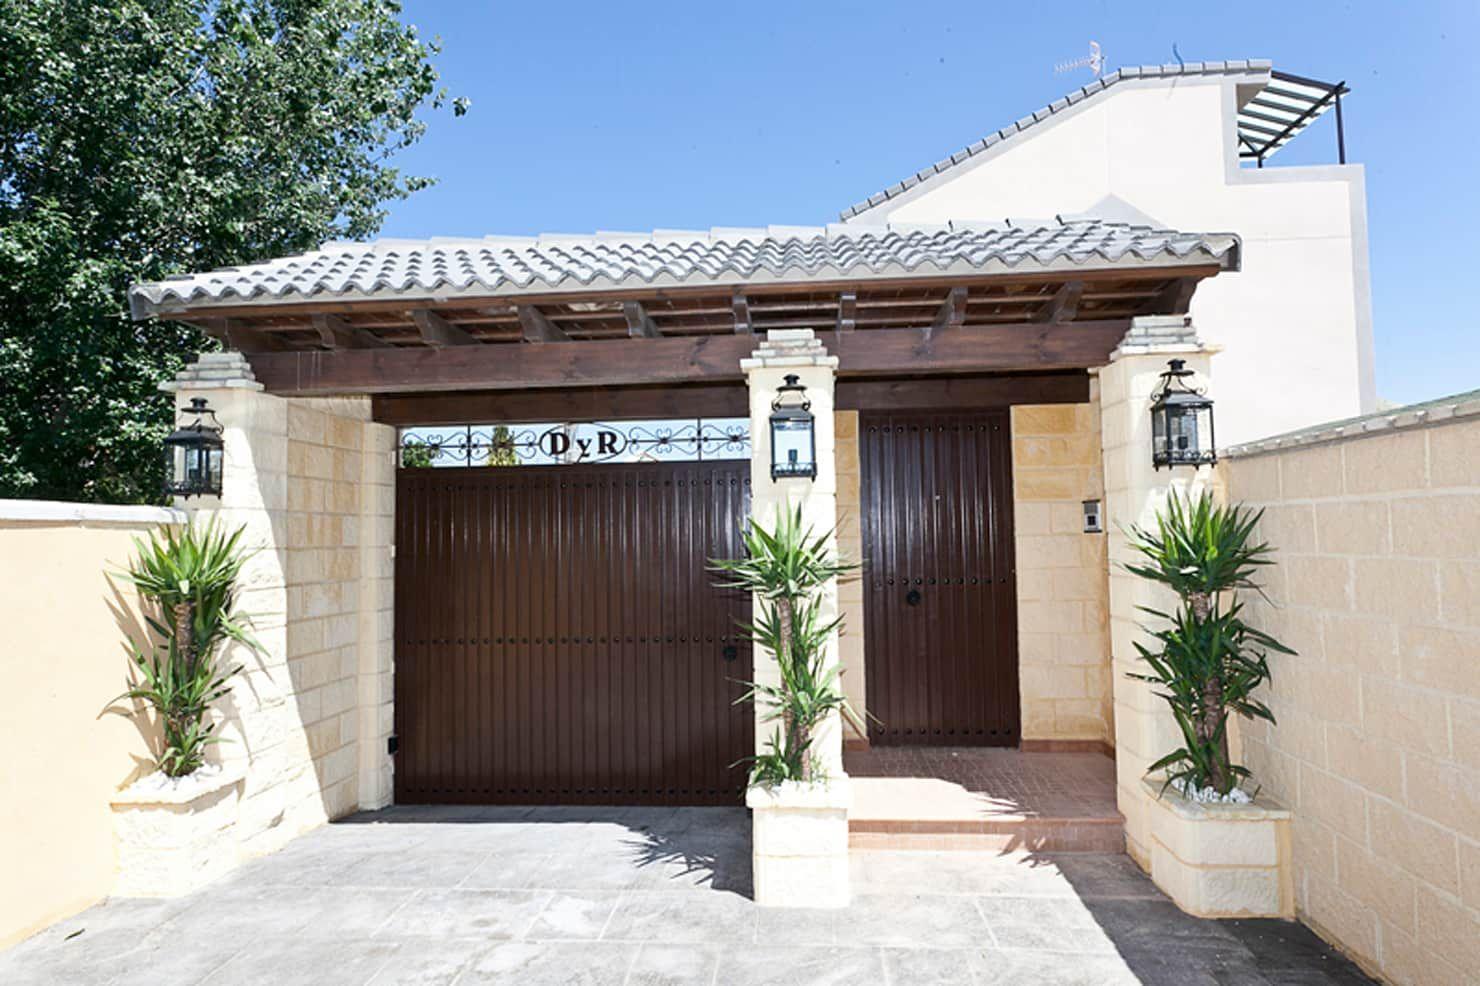 Puerta De Entrada Azd Diseno Interior Puertas Y Ventanaspuertas Homify Frente De Casas Sencillas Marquesinas De Casas Fachadas De Casa Rusticas